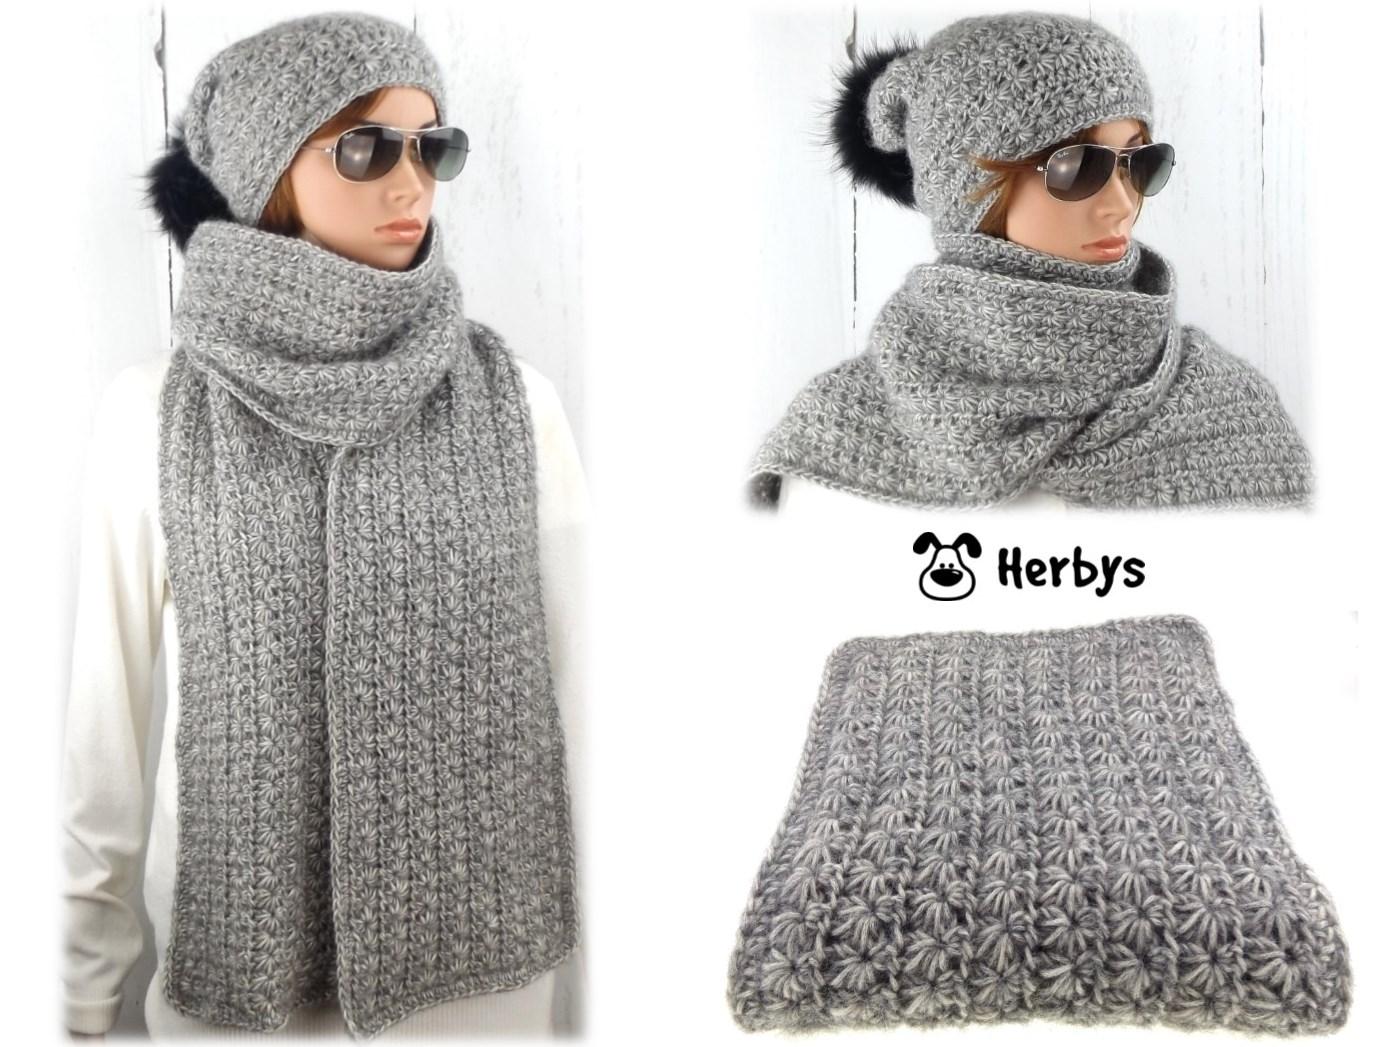 Herbys-Trendartikel - Häkelanleitung Schal